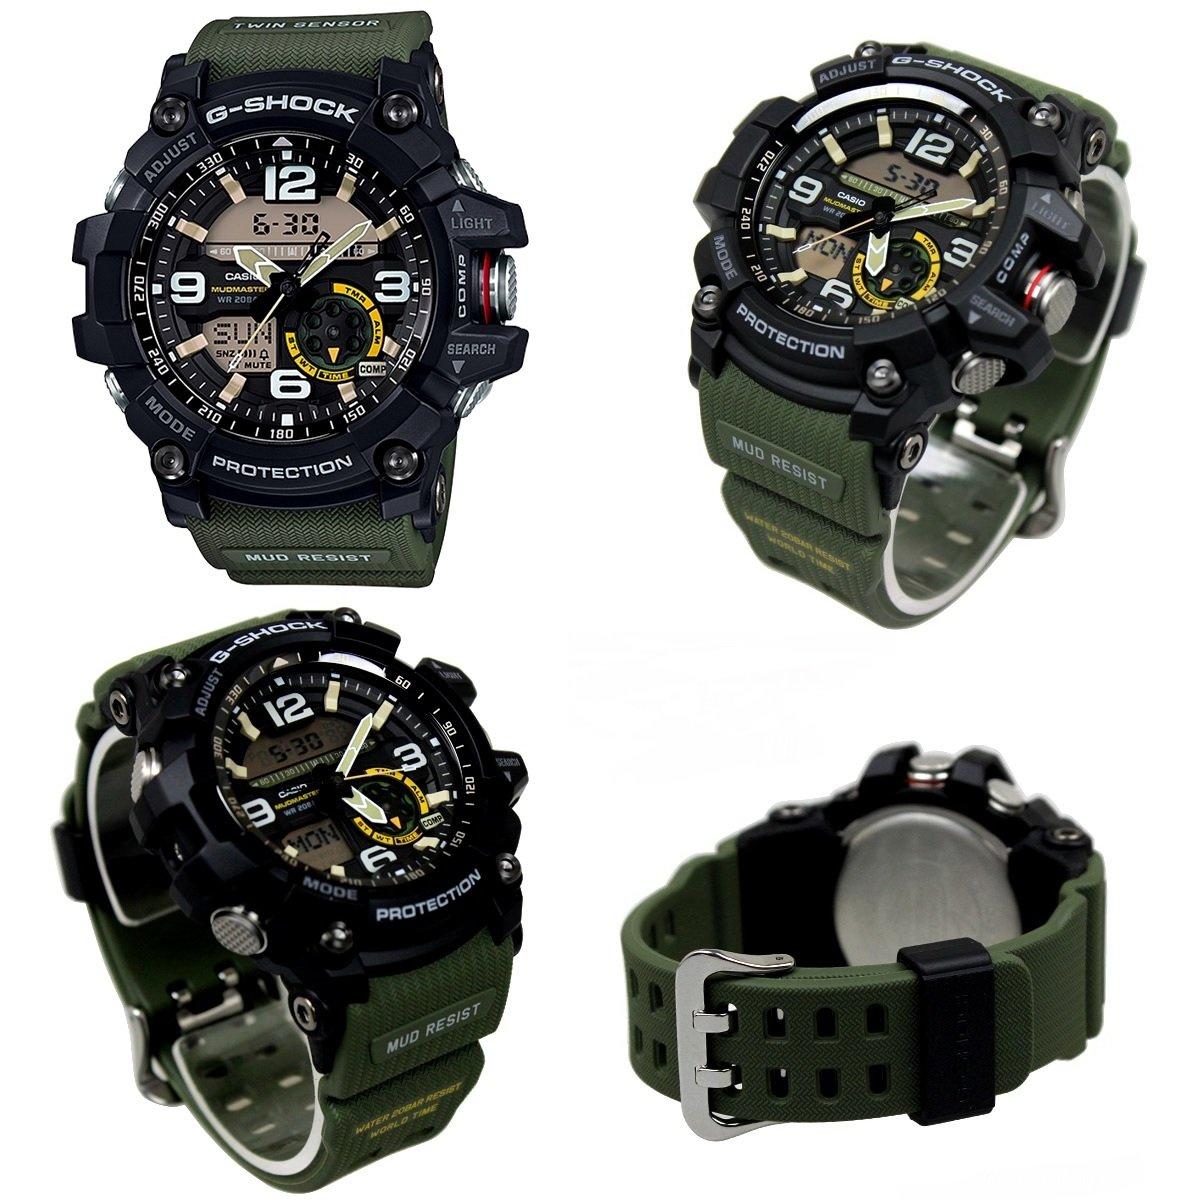 G-SHOCK Mudmaster 20気圧防水 アナデジ プラベルトウォッチ メンズ向 (GG-1000-1AJF GG-1000-1A3JF GG-1000GB-1AJF GG-1000RG-1AJF) (GG-1000-1AJF(ブラック/ブラック)) B073ZZWFK3  GG-1000-1A3JF(ブラック/カーキー)